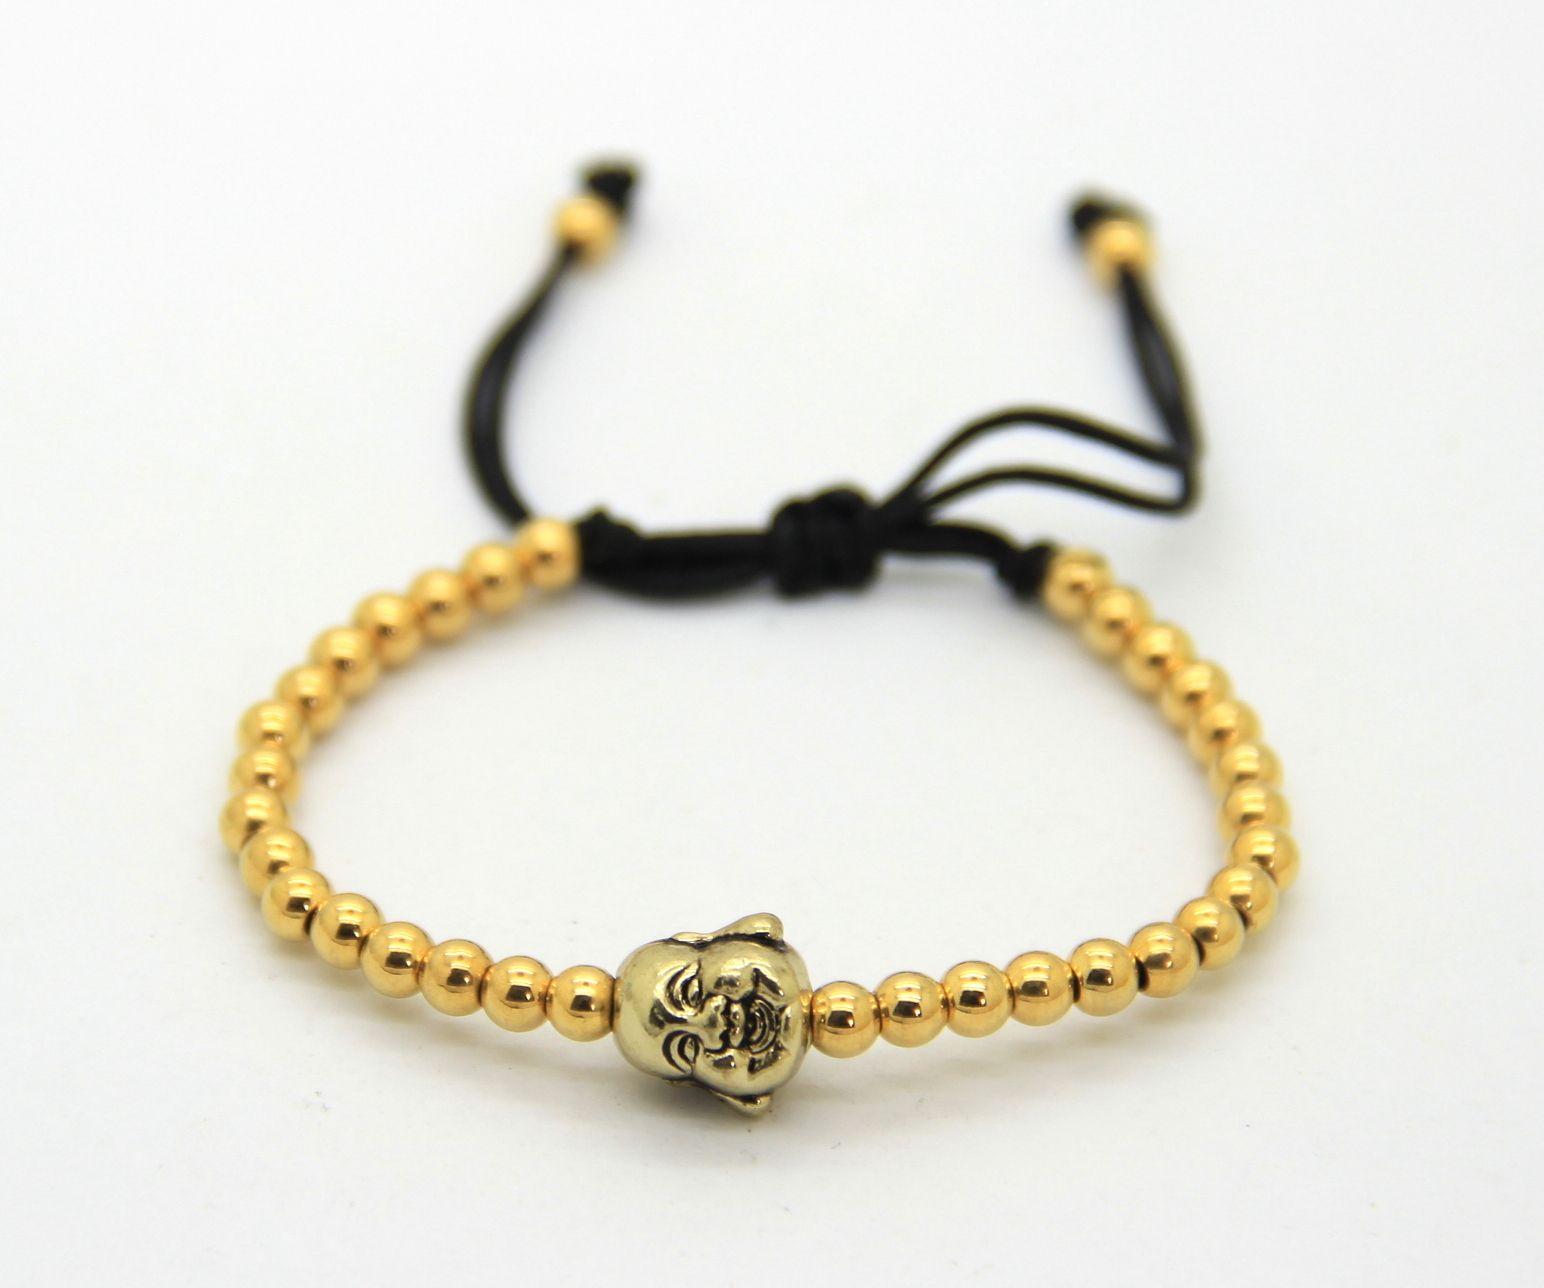 2016 4mm Perline di rame che tessono colore oro e argento Ridere Buddha Testa Gioielli Intrecciare i braccialetti macramè